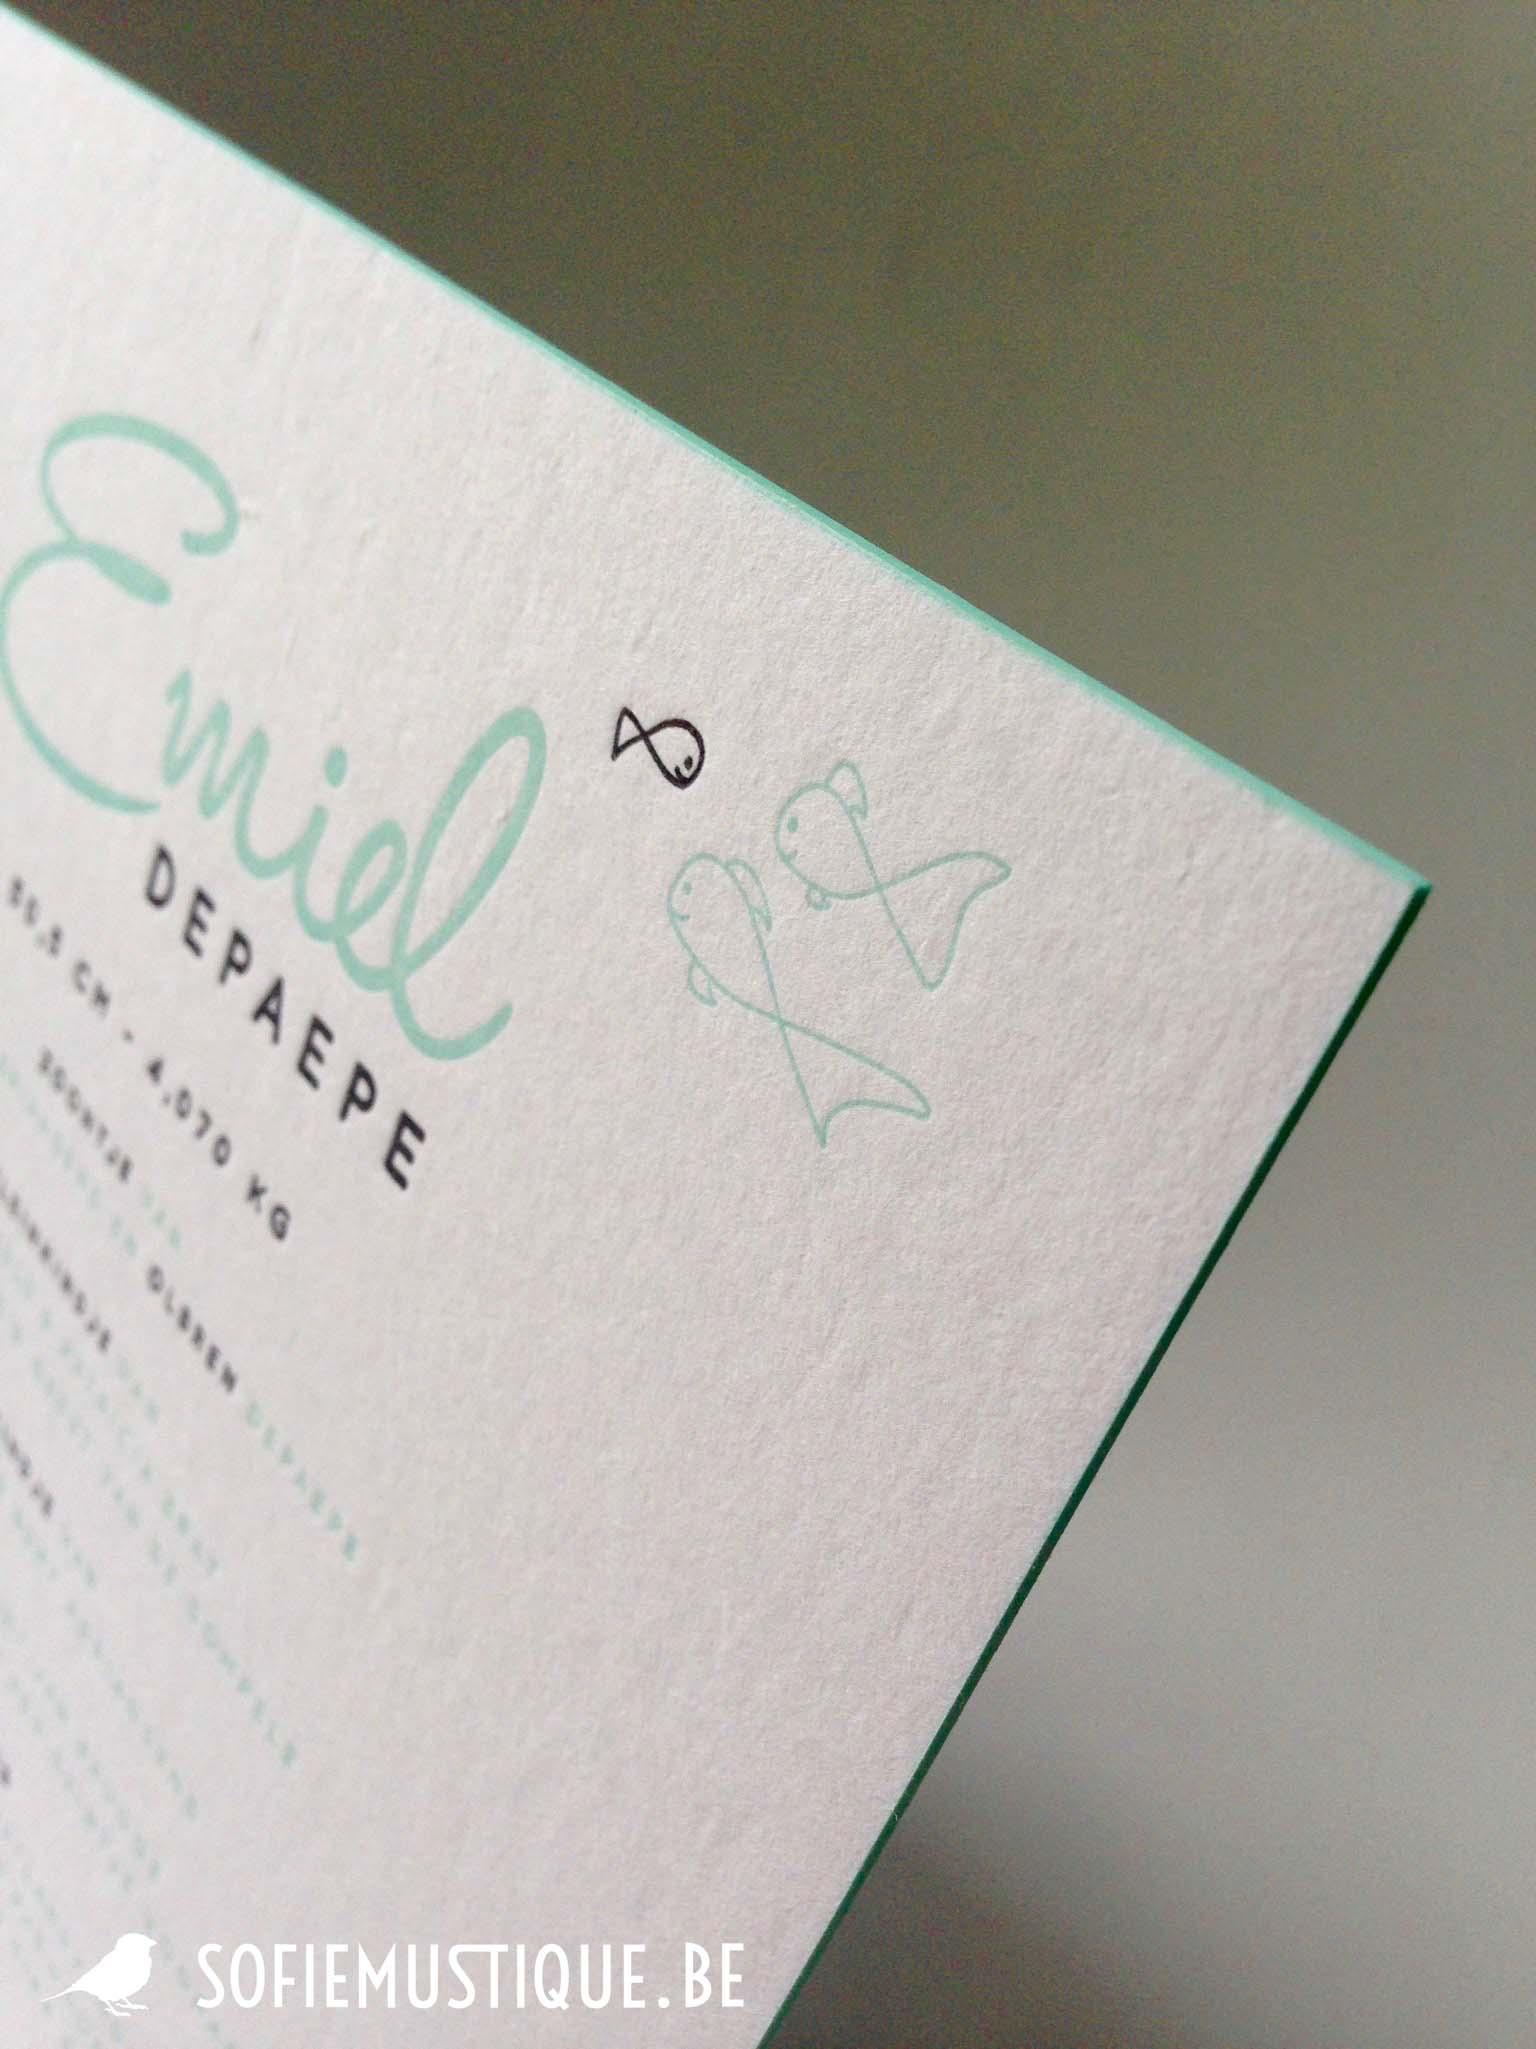 Geboortekaartje Emiel (Letterpress mint muntgroen)